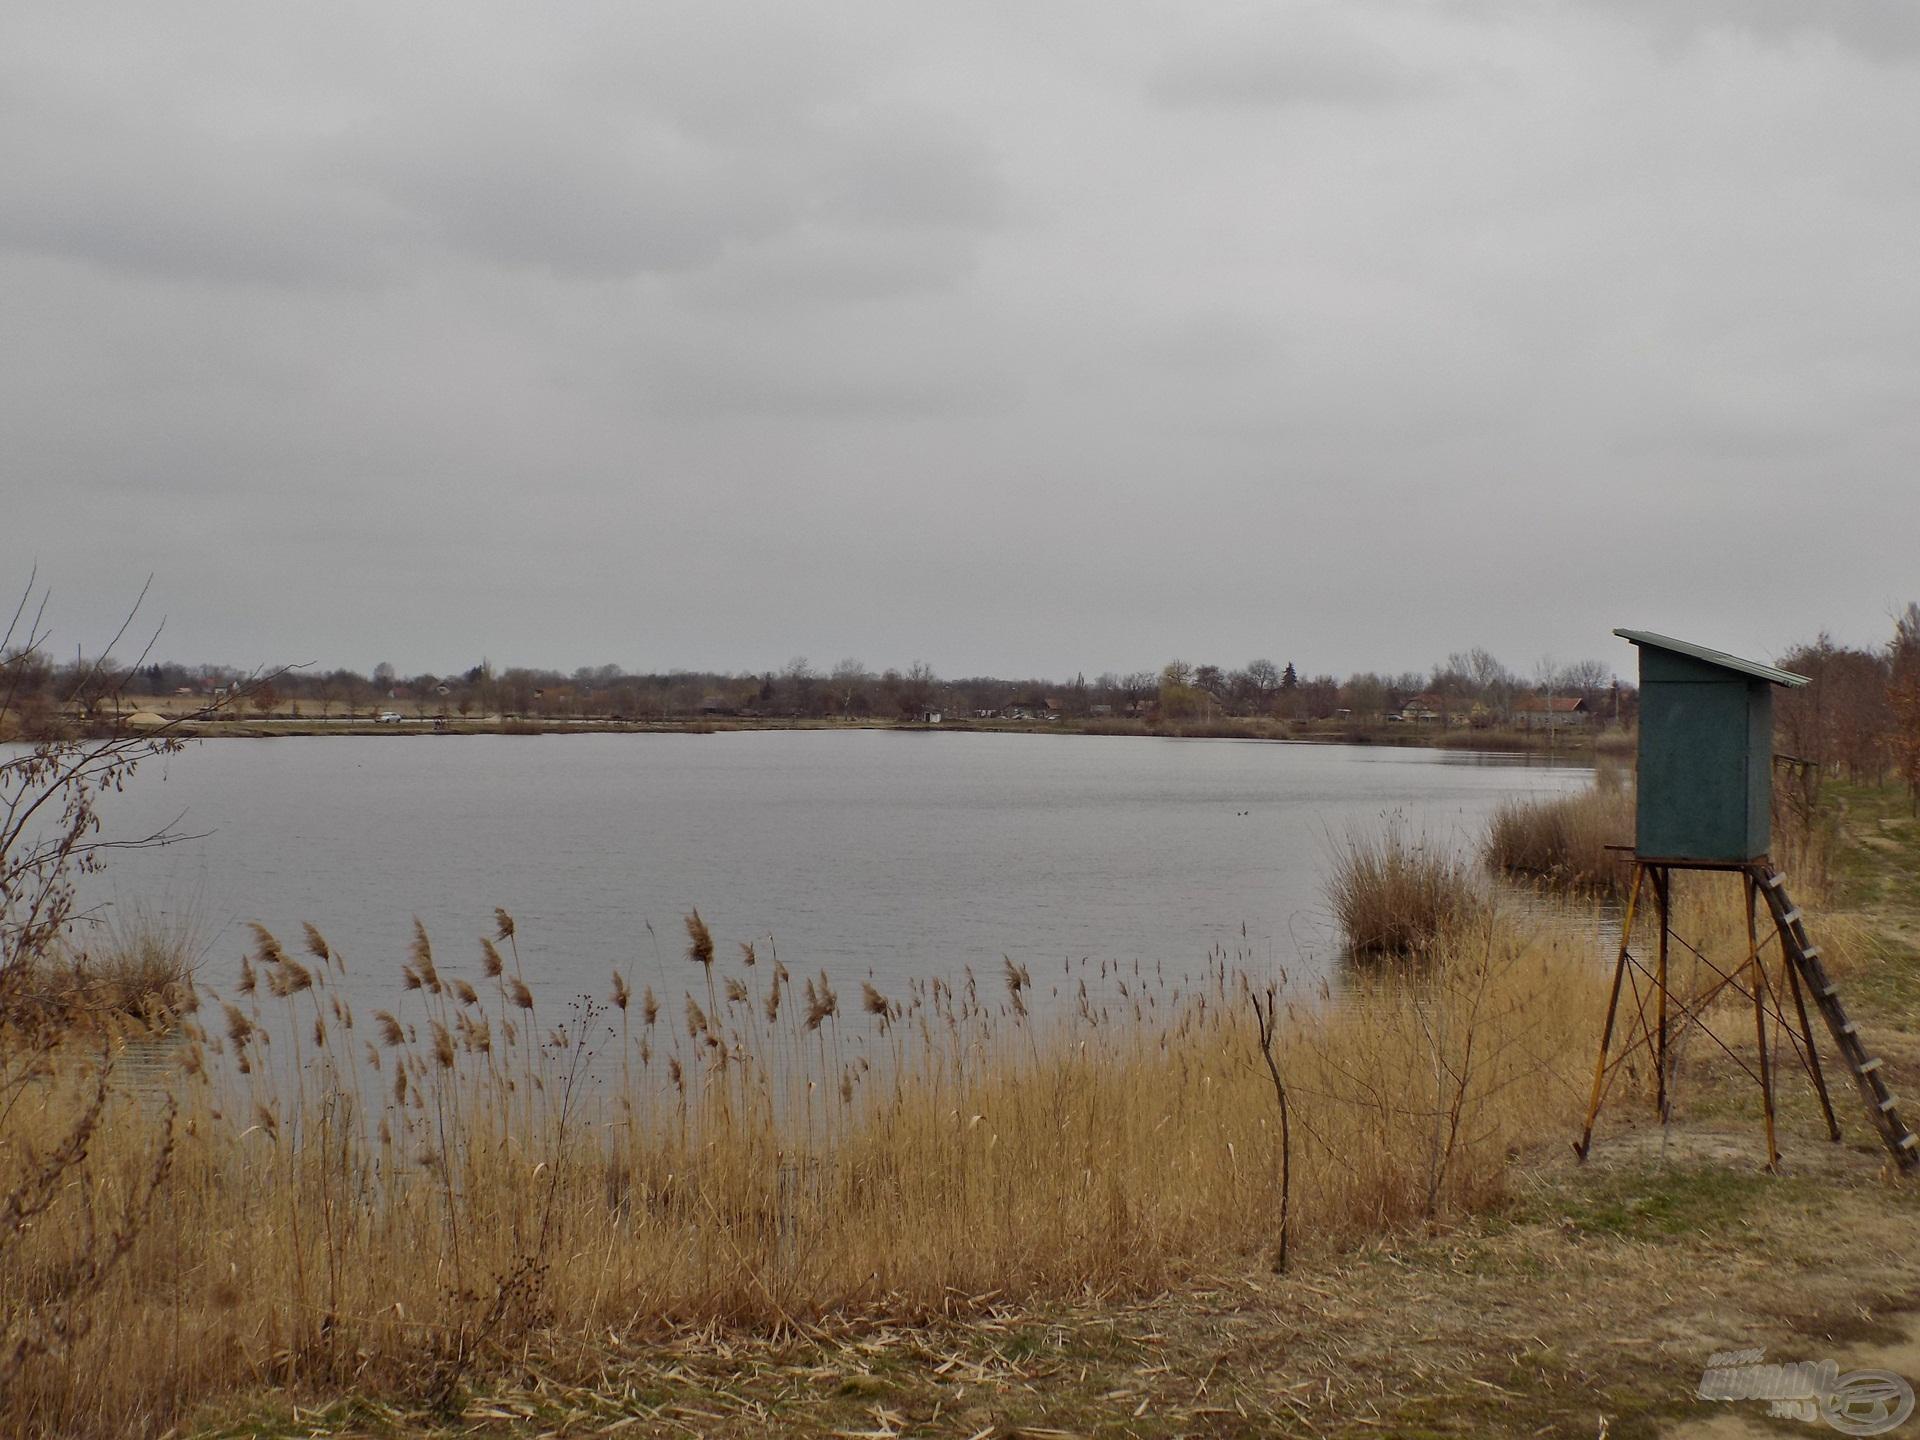 Fantasztikus panorámára pillanthatunk, amennyiben időt szánunk arra, hogy körbejárjuk a tavat. Aki kicsit is kedveli a bányatavak adta kiszámíthatatlanságot, annak bátran ajánlom ezt a vízterületet, akár feederbottal is!